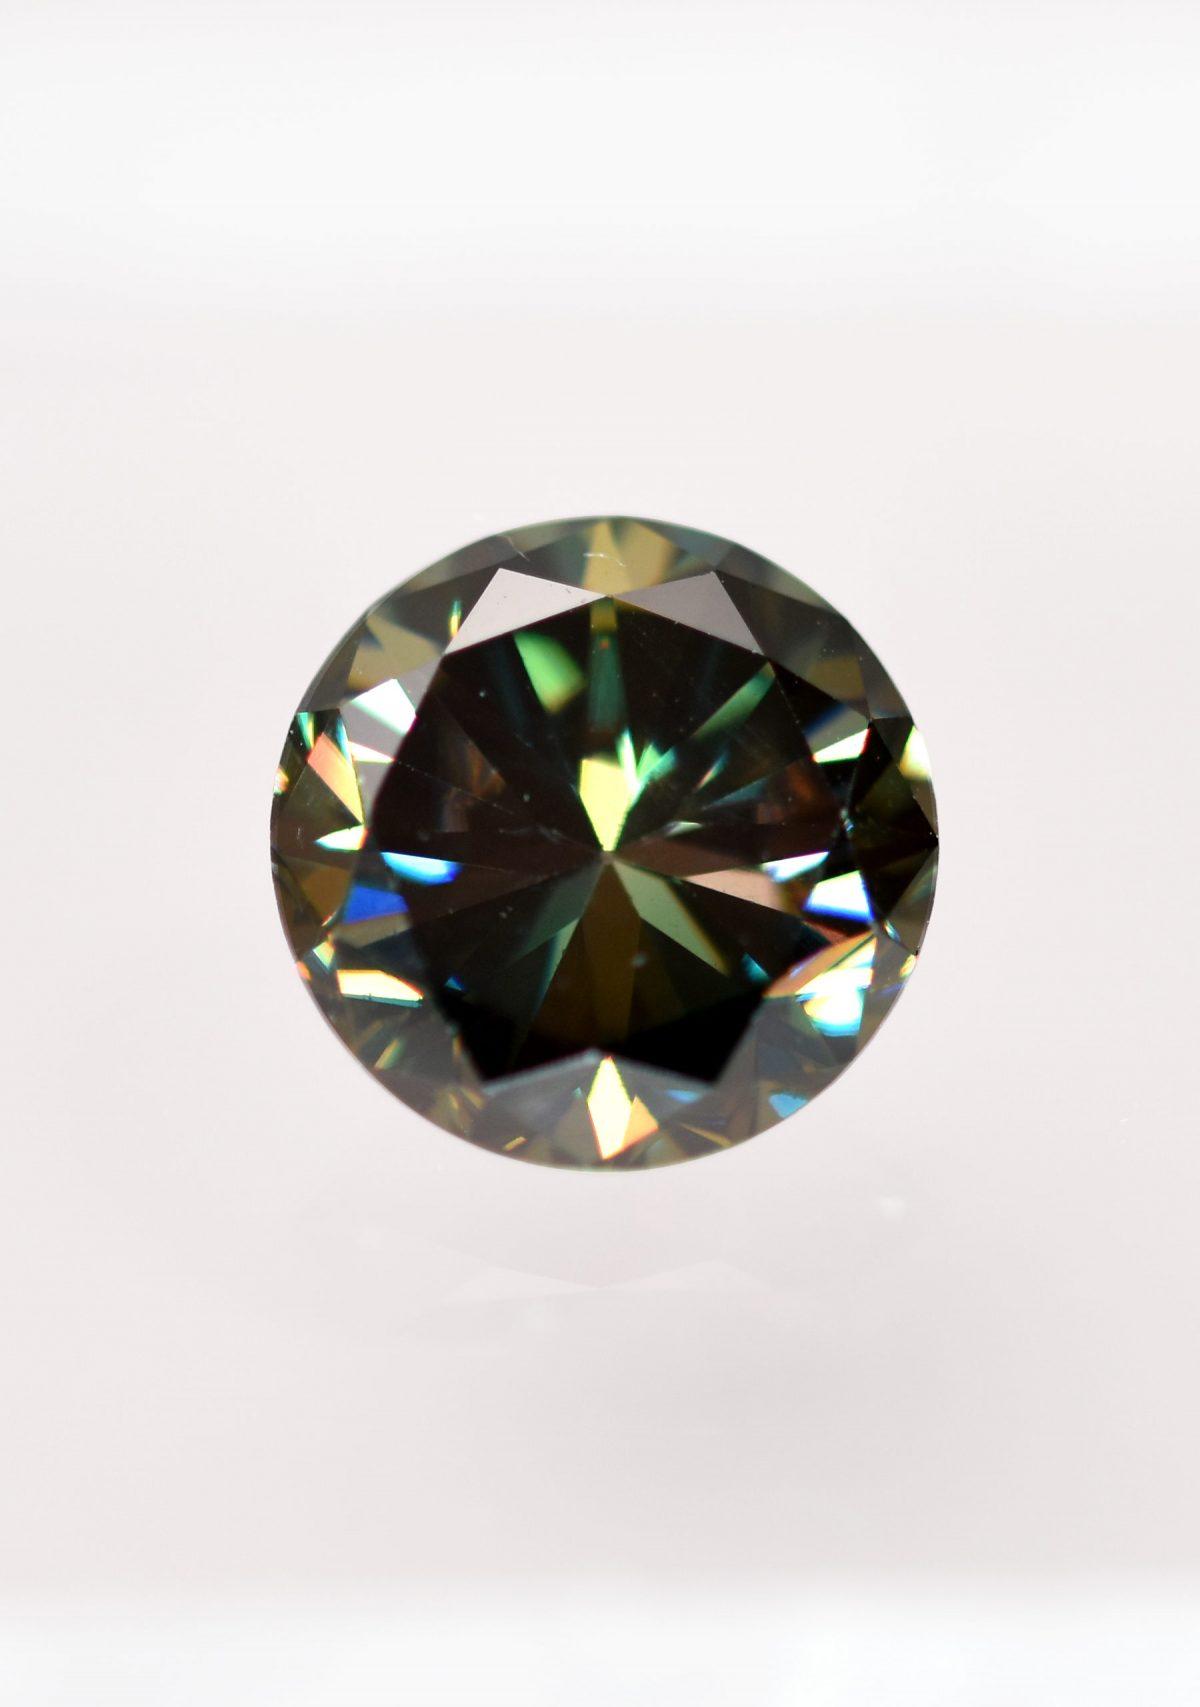 Round Brilliant Dark Green Moissanite for Custom Engagement Ring